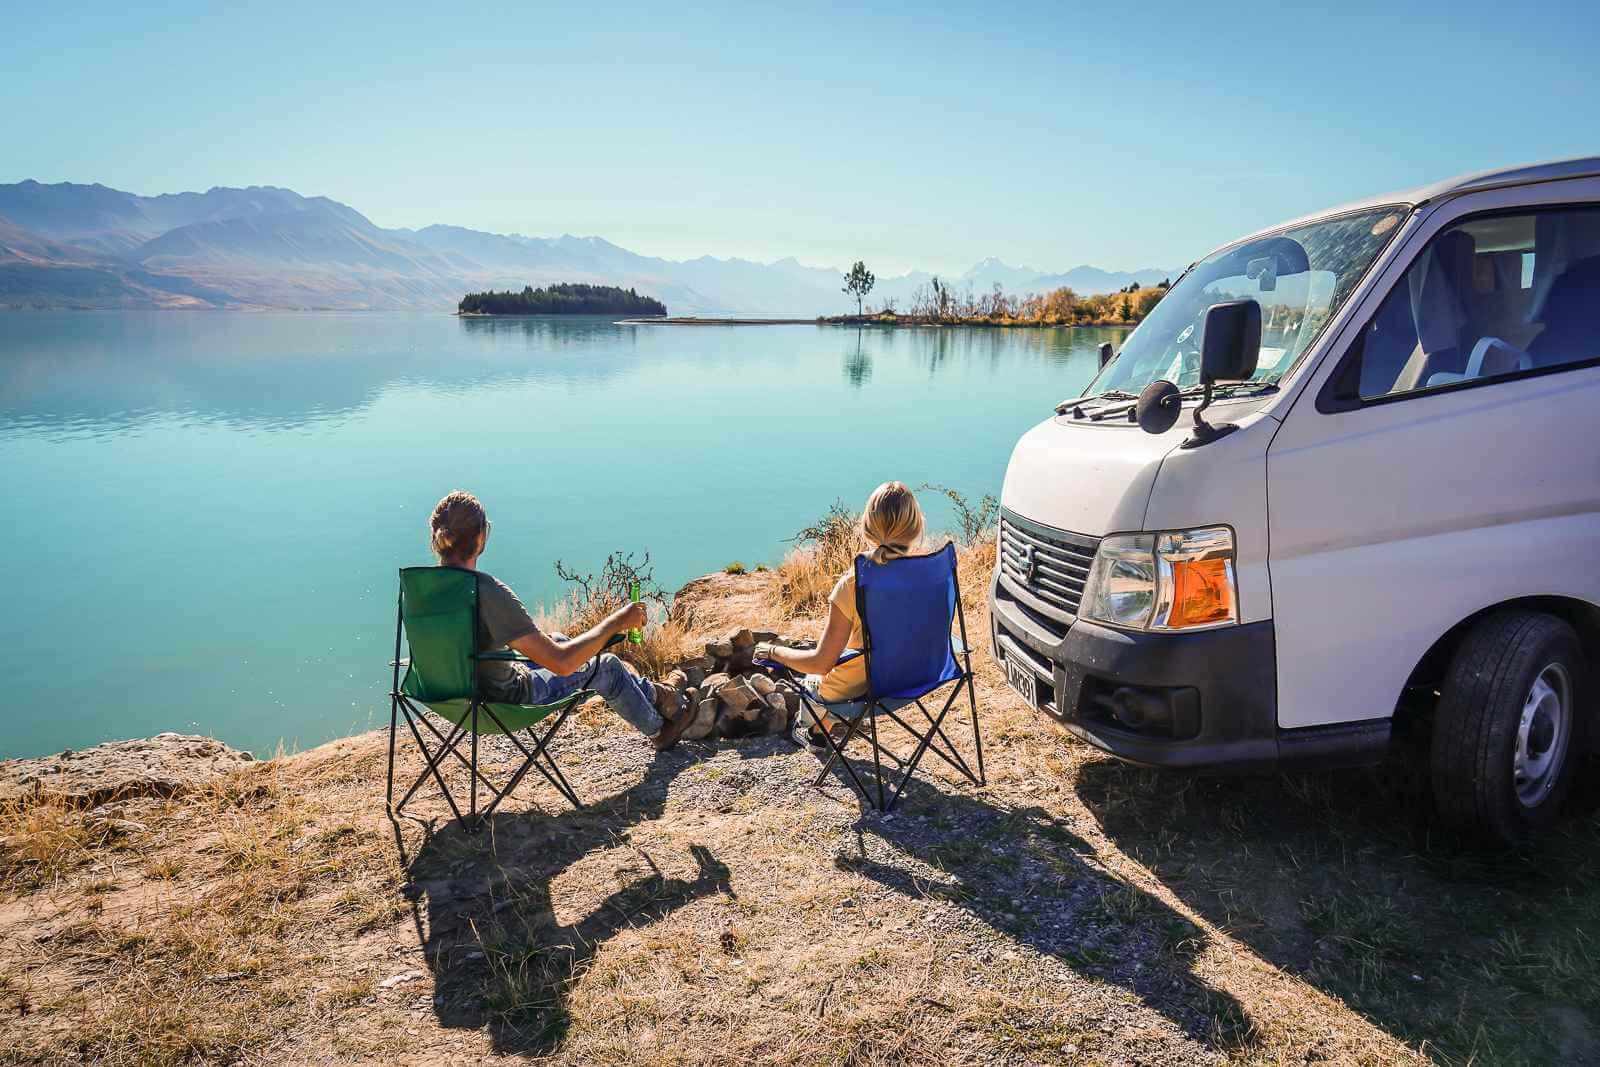 Met een camper kun je overal gaan en staan waar je wilt en parkeren op de mooiste plekken.